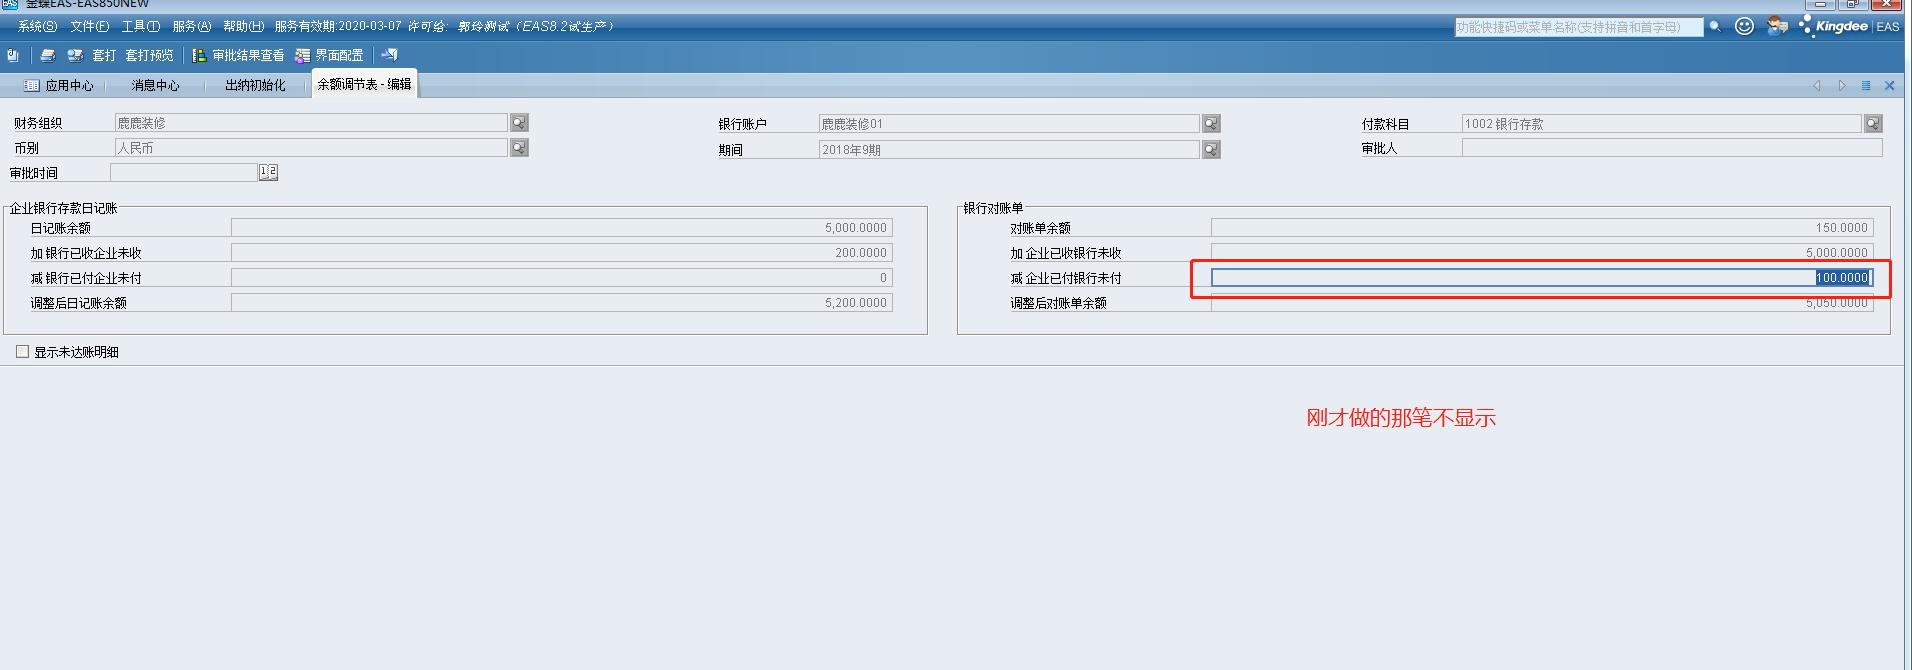 8.5初始化录入银行未达账余额调节表查不到